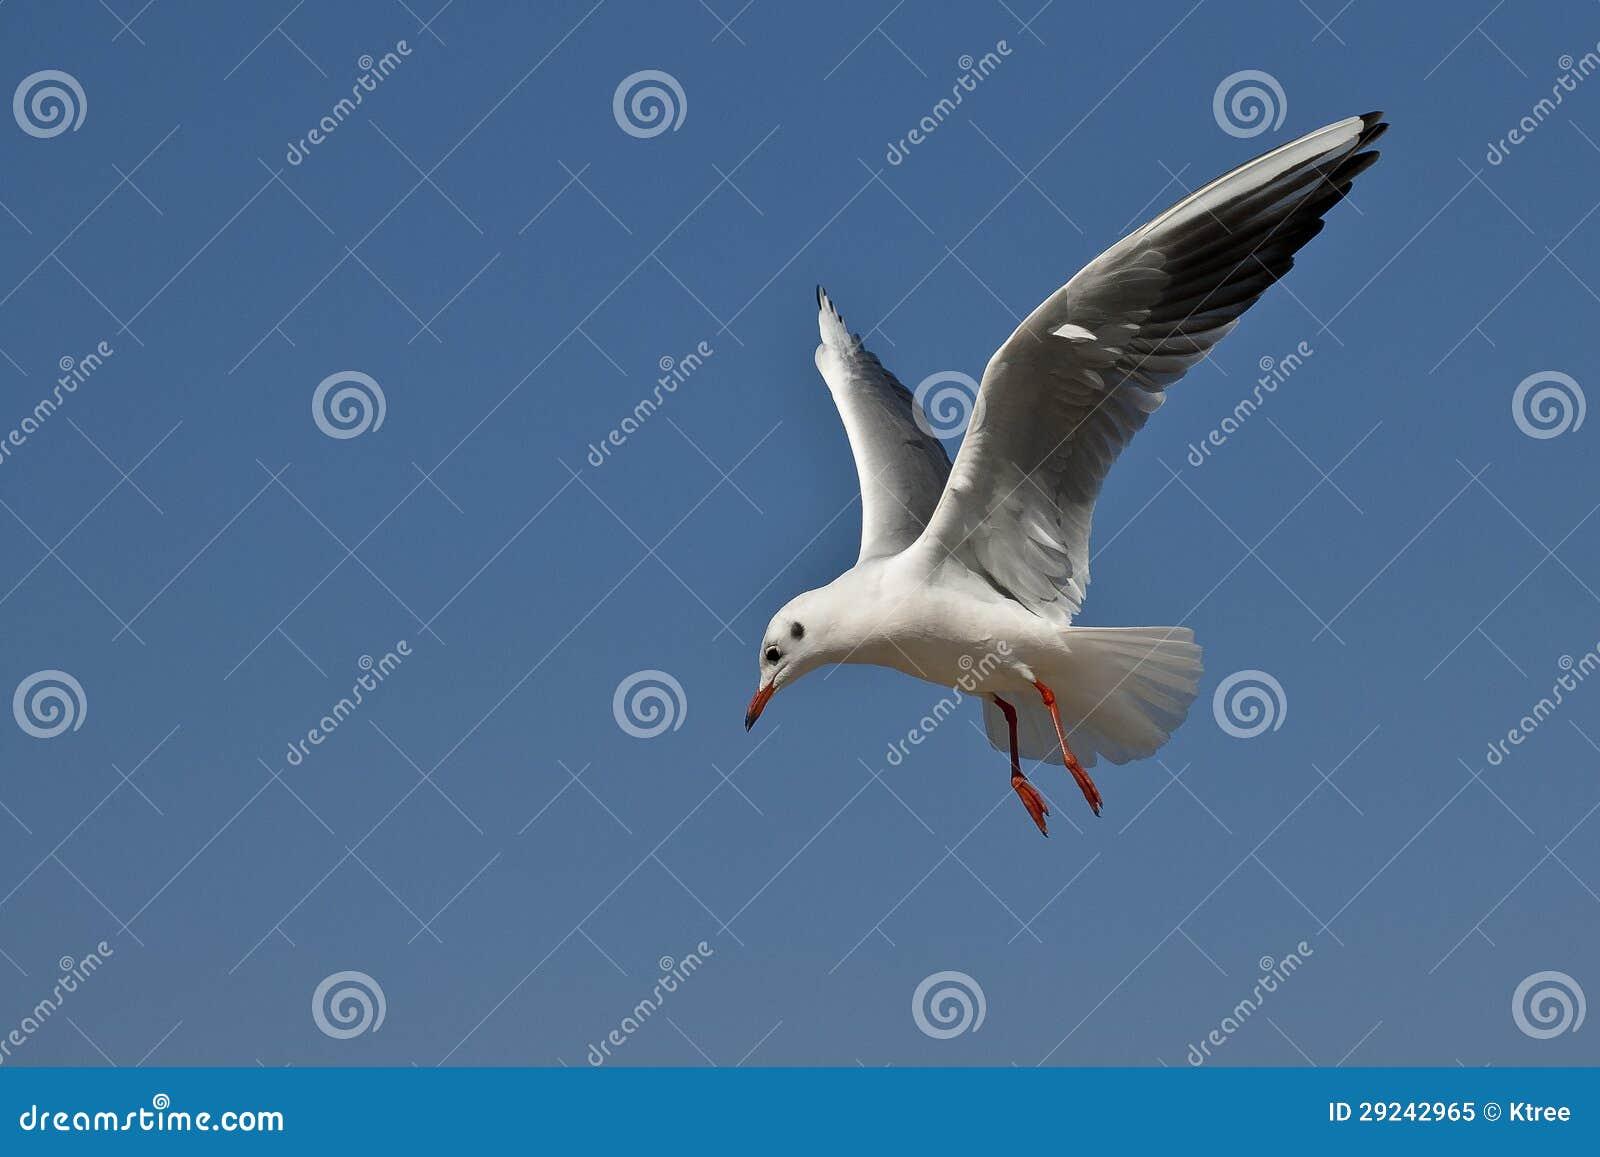 Download Gaivota ilustração stock. Ilustração de azul, fundo, vôo - 29242965